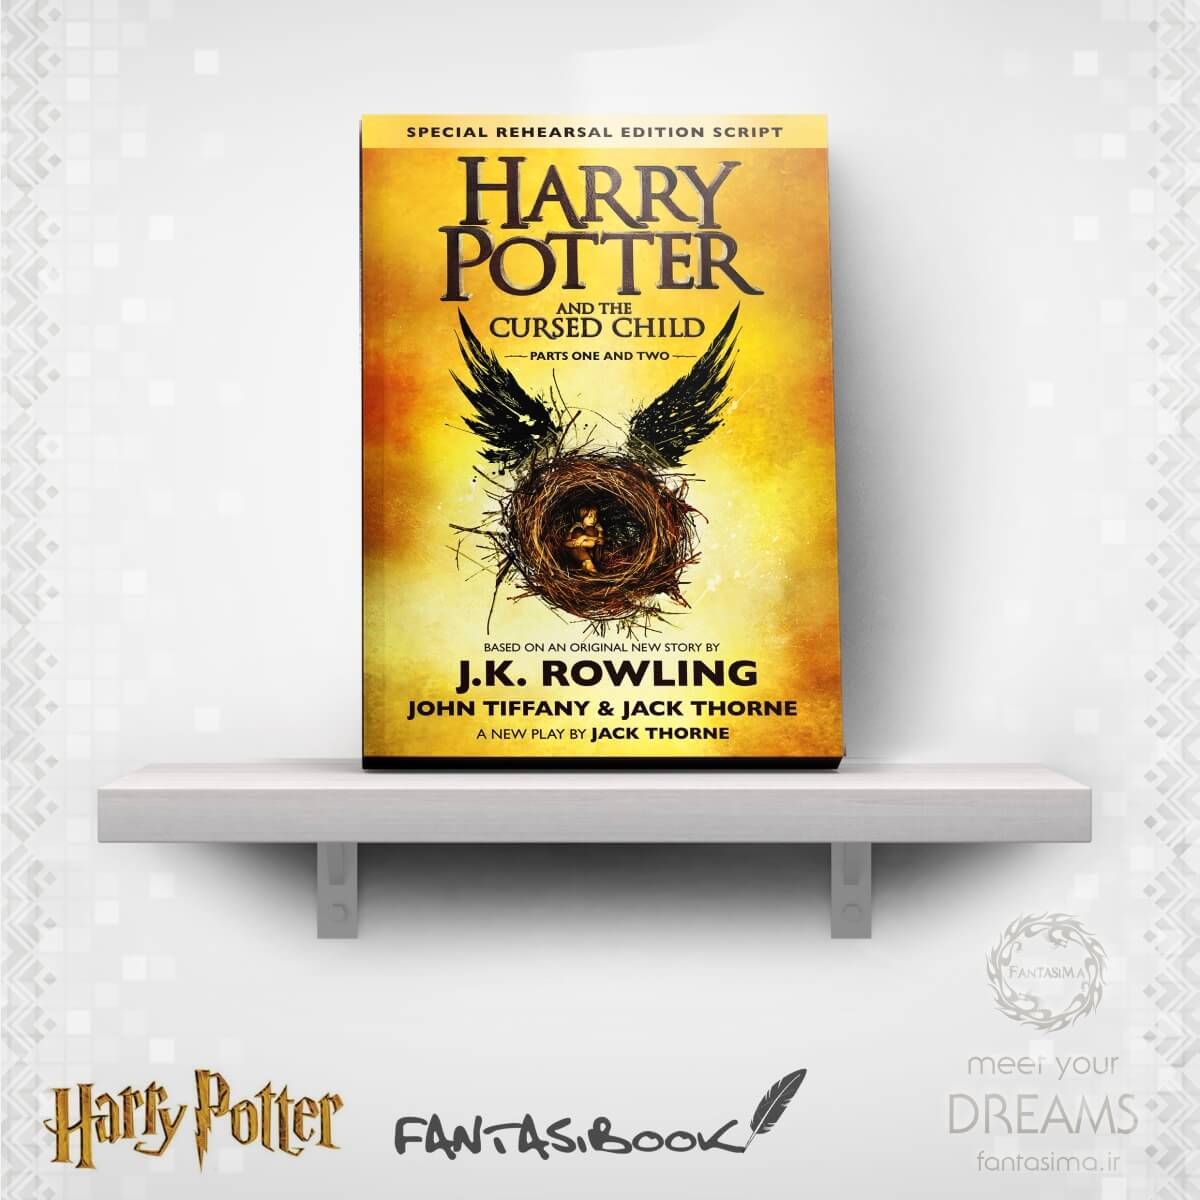 کتاب هری پاتر و فرزند نفرین شده - قسمت اول و دوم-جلد سخت